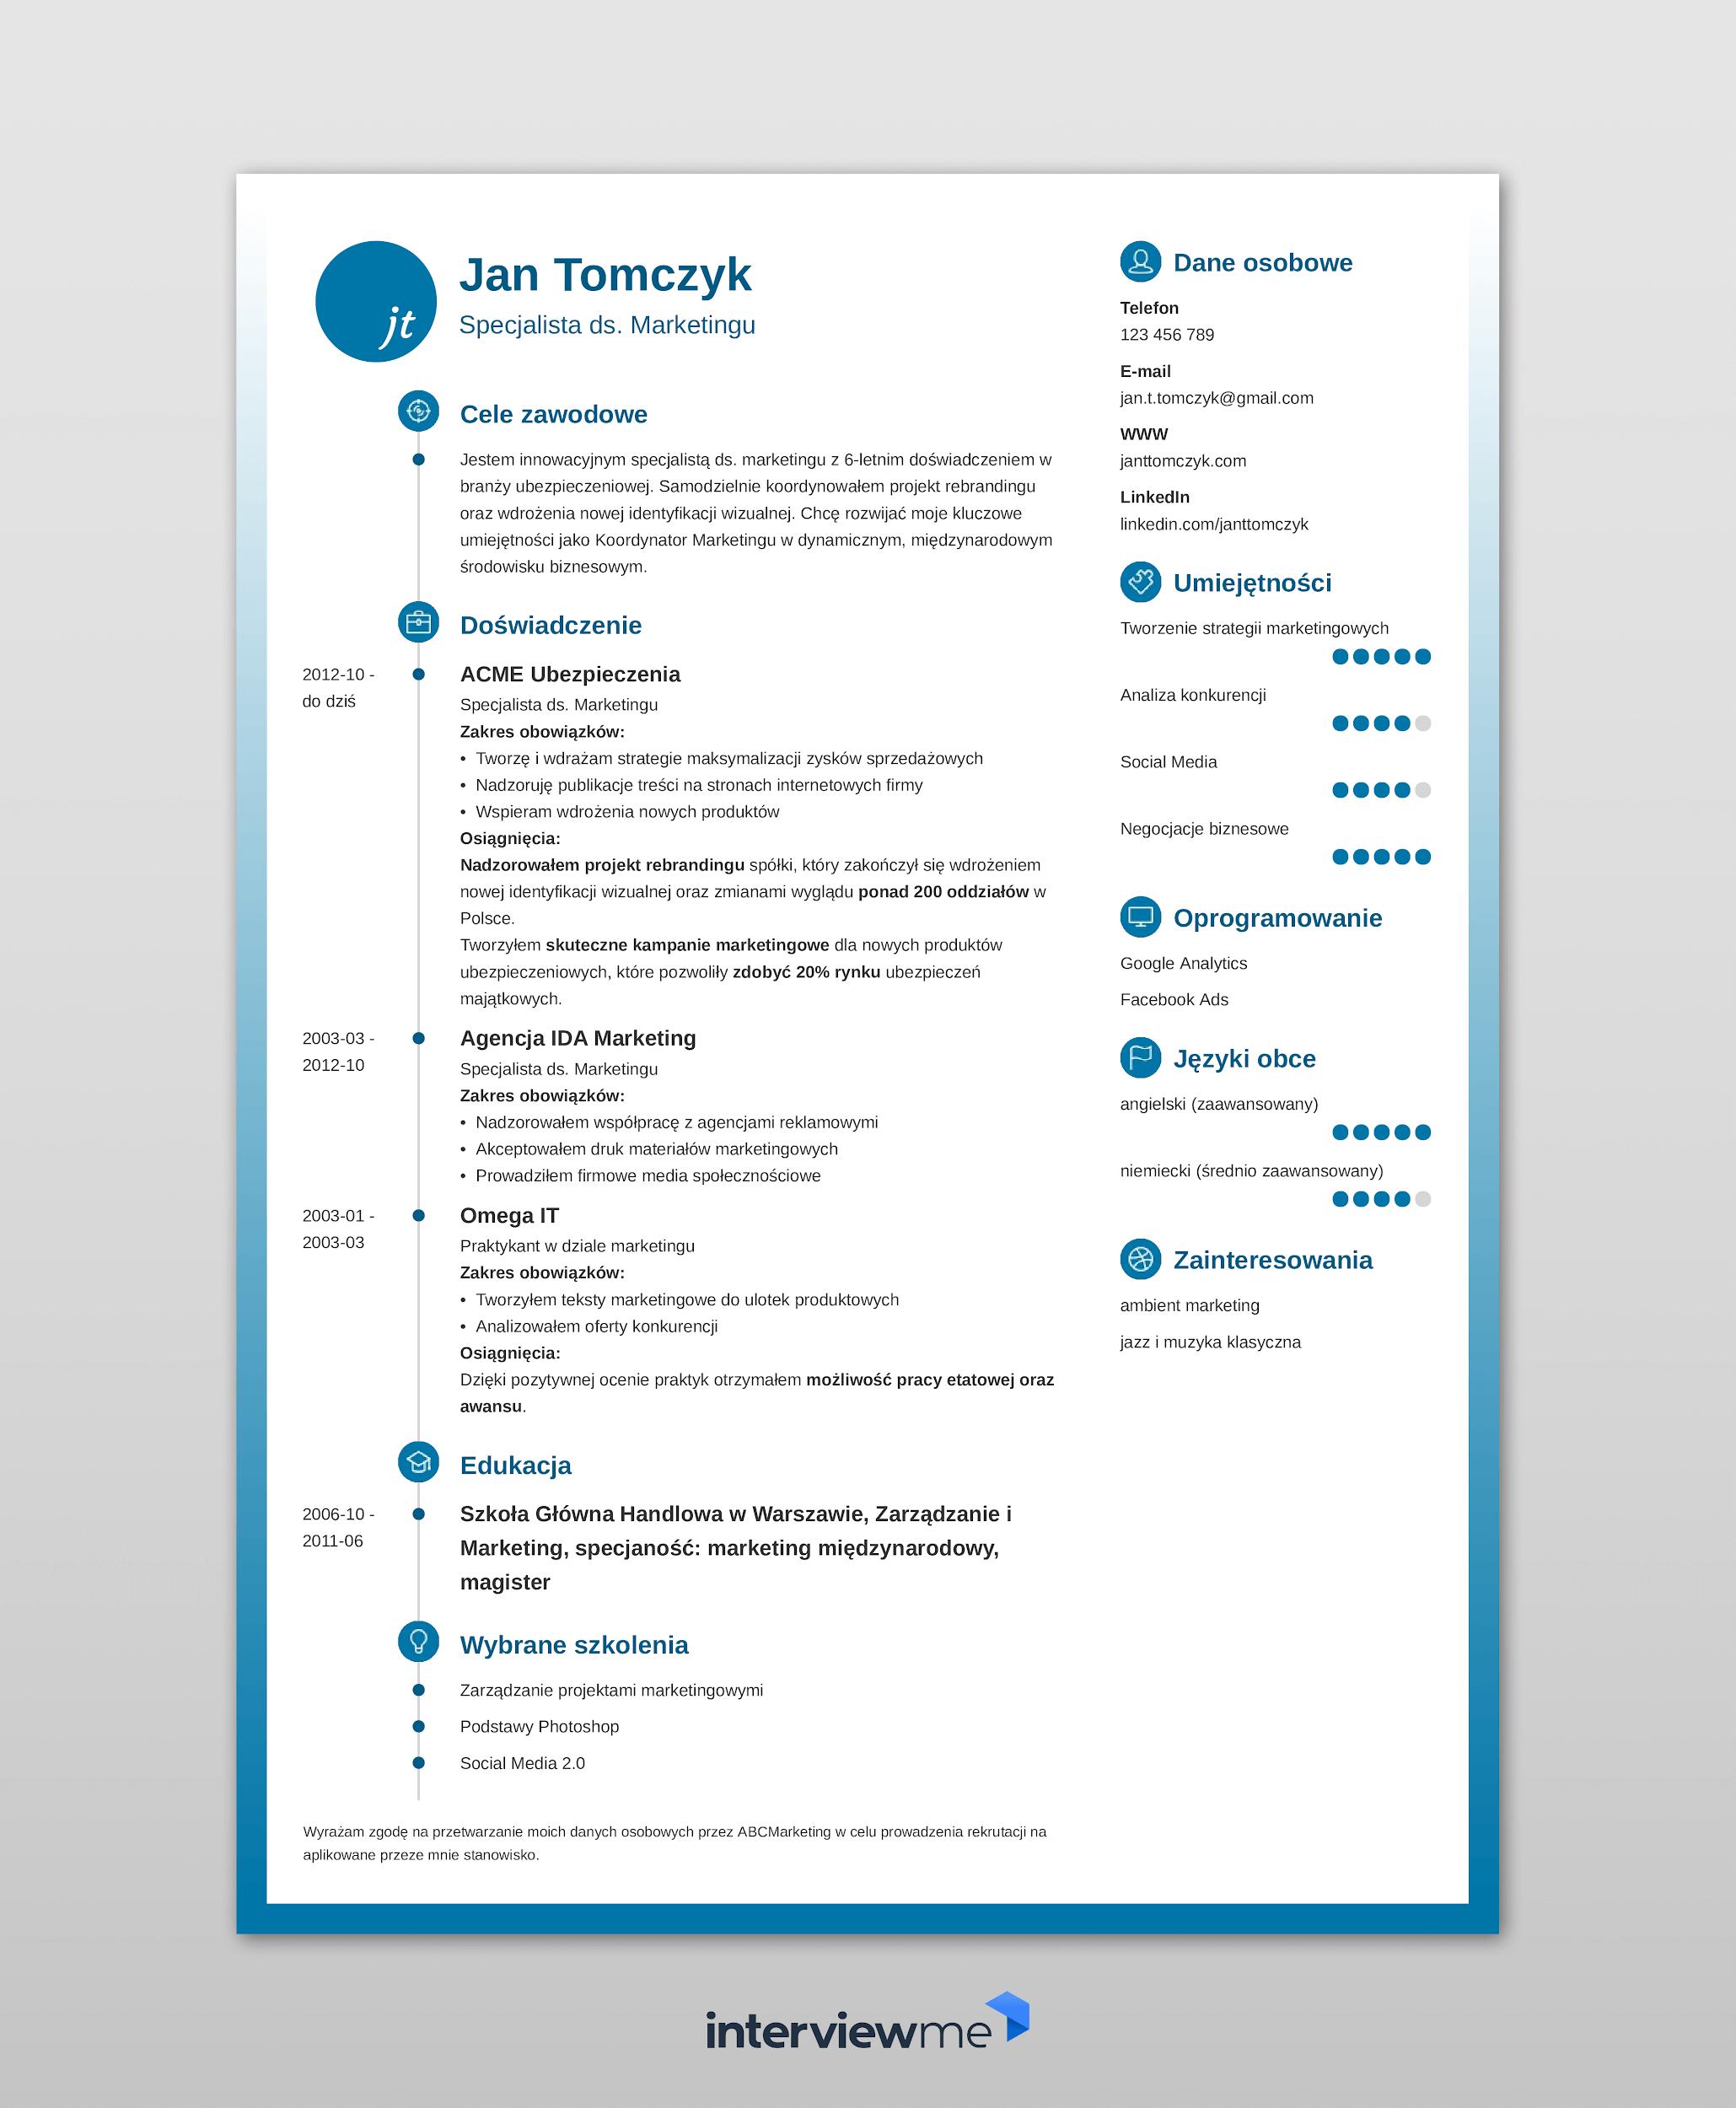 Wzór Do Wypełnienia Bez Zdjęcia W PDF I DOC Za Darmo